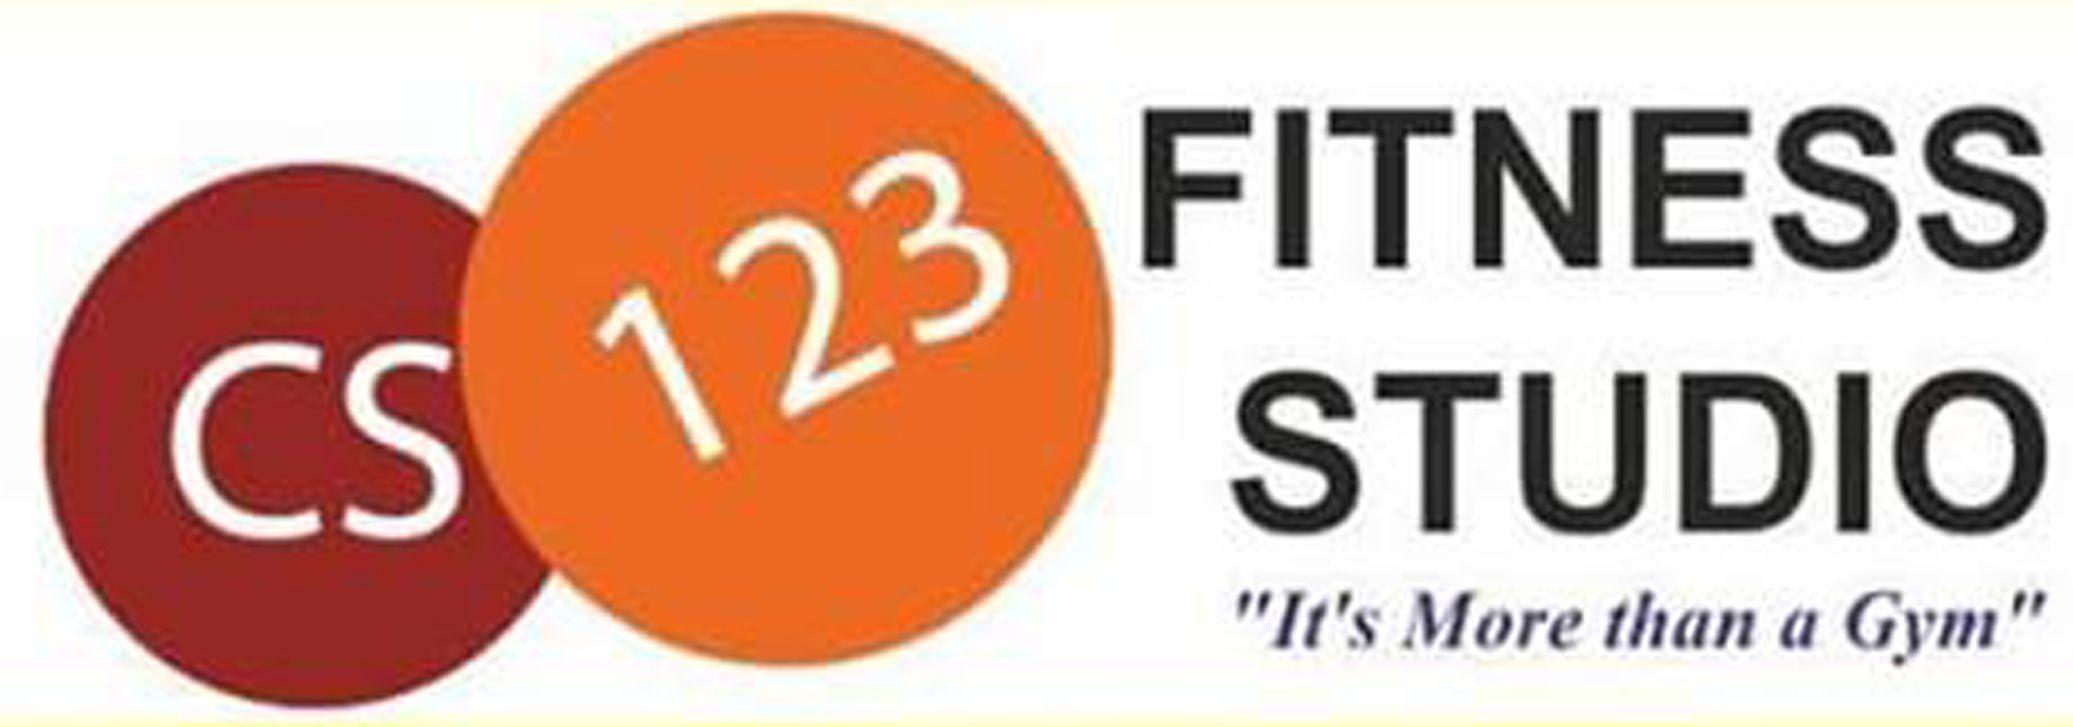 CS123 FITNESS STUDIO